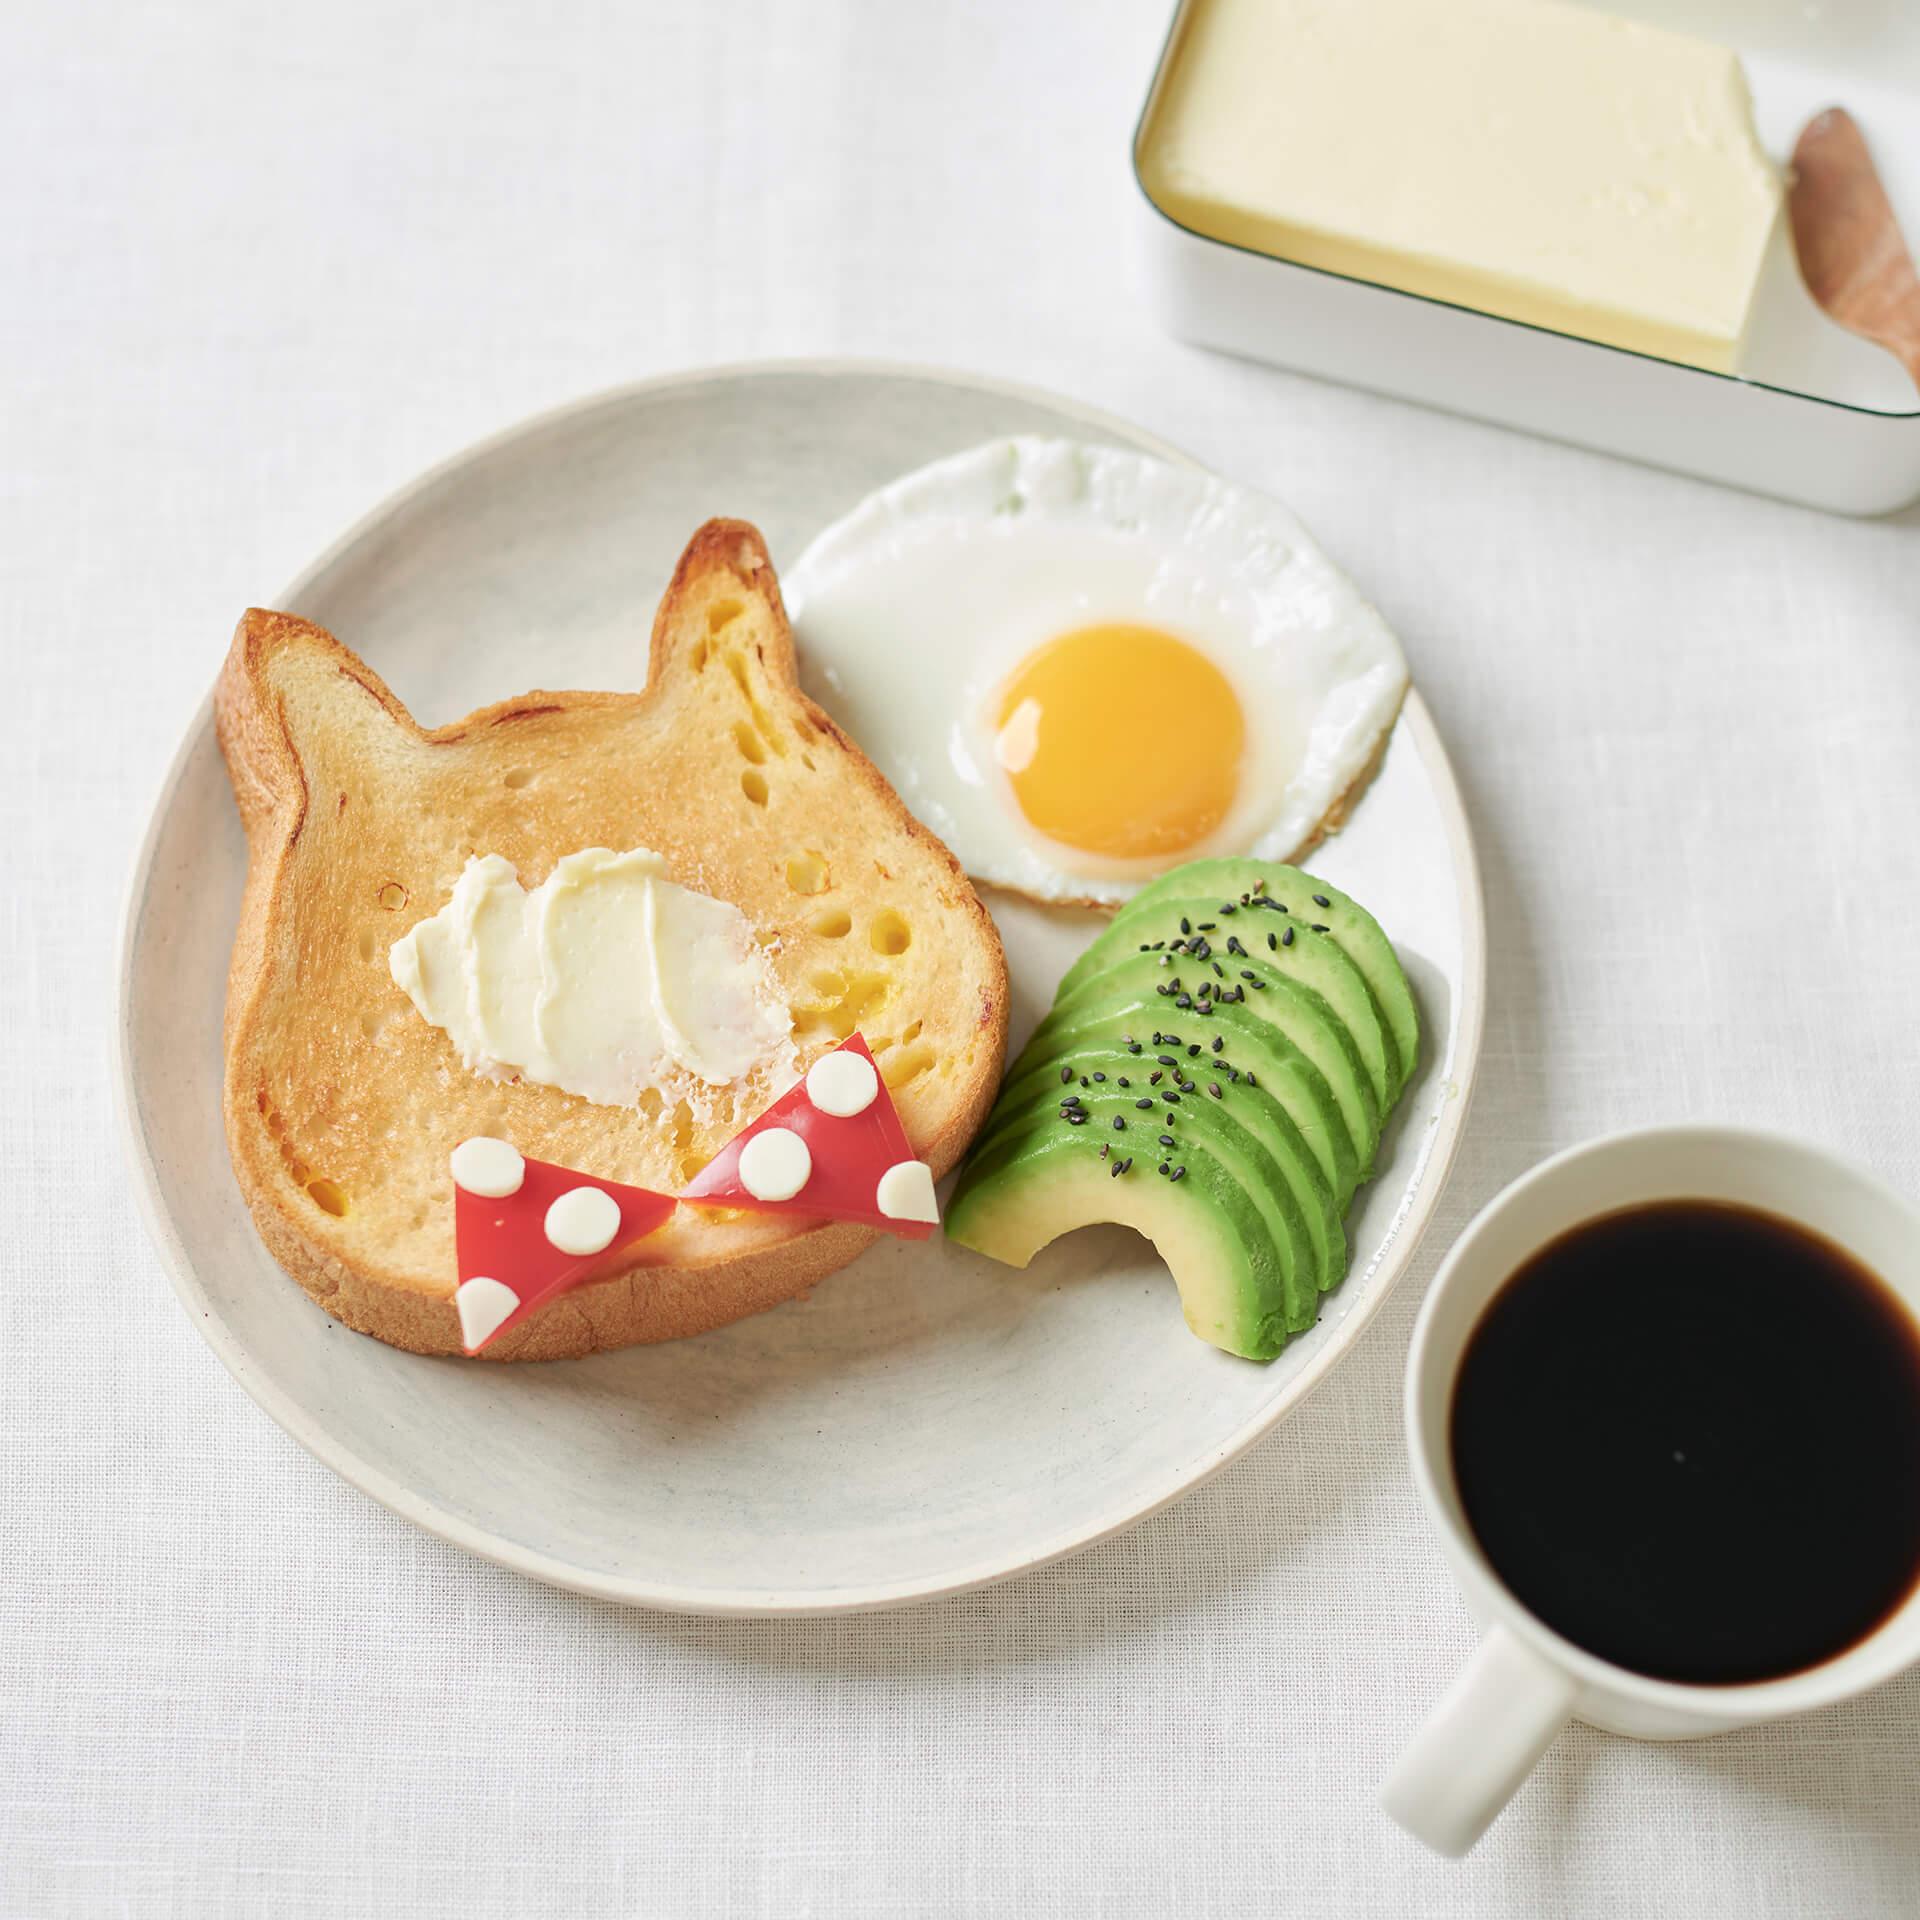 ねこねこ食パン イメージ